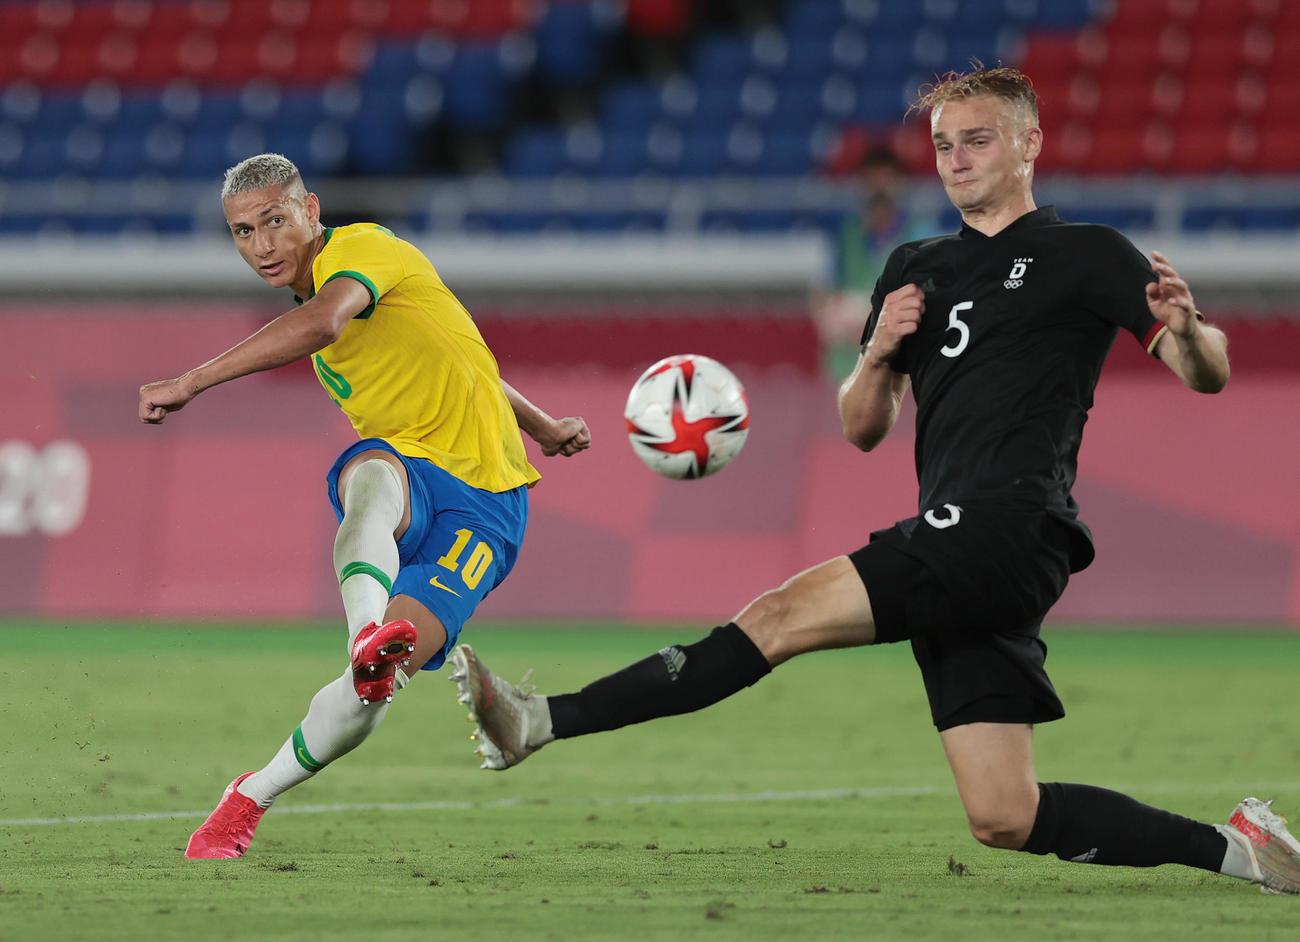 ブラジル対ドイツ 前半、ハットトリックとなるゴールを決めるブラジル・リシャルリソン(撮影・前田充)